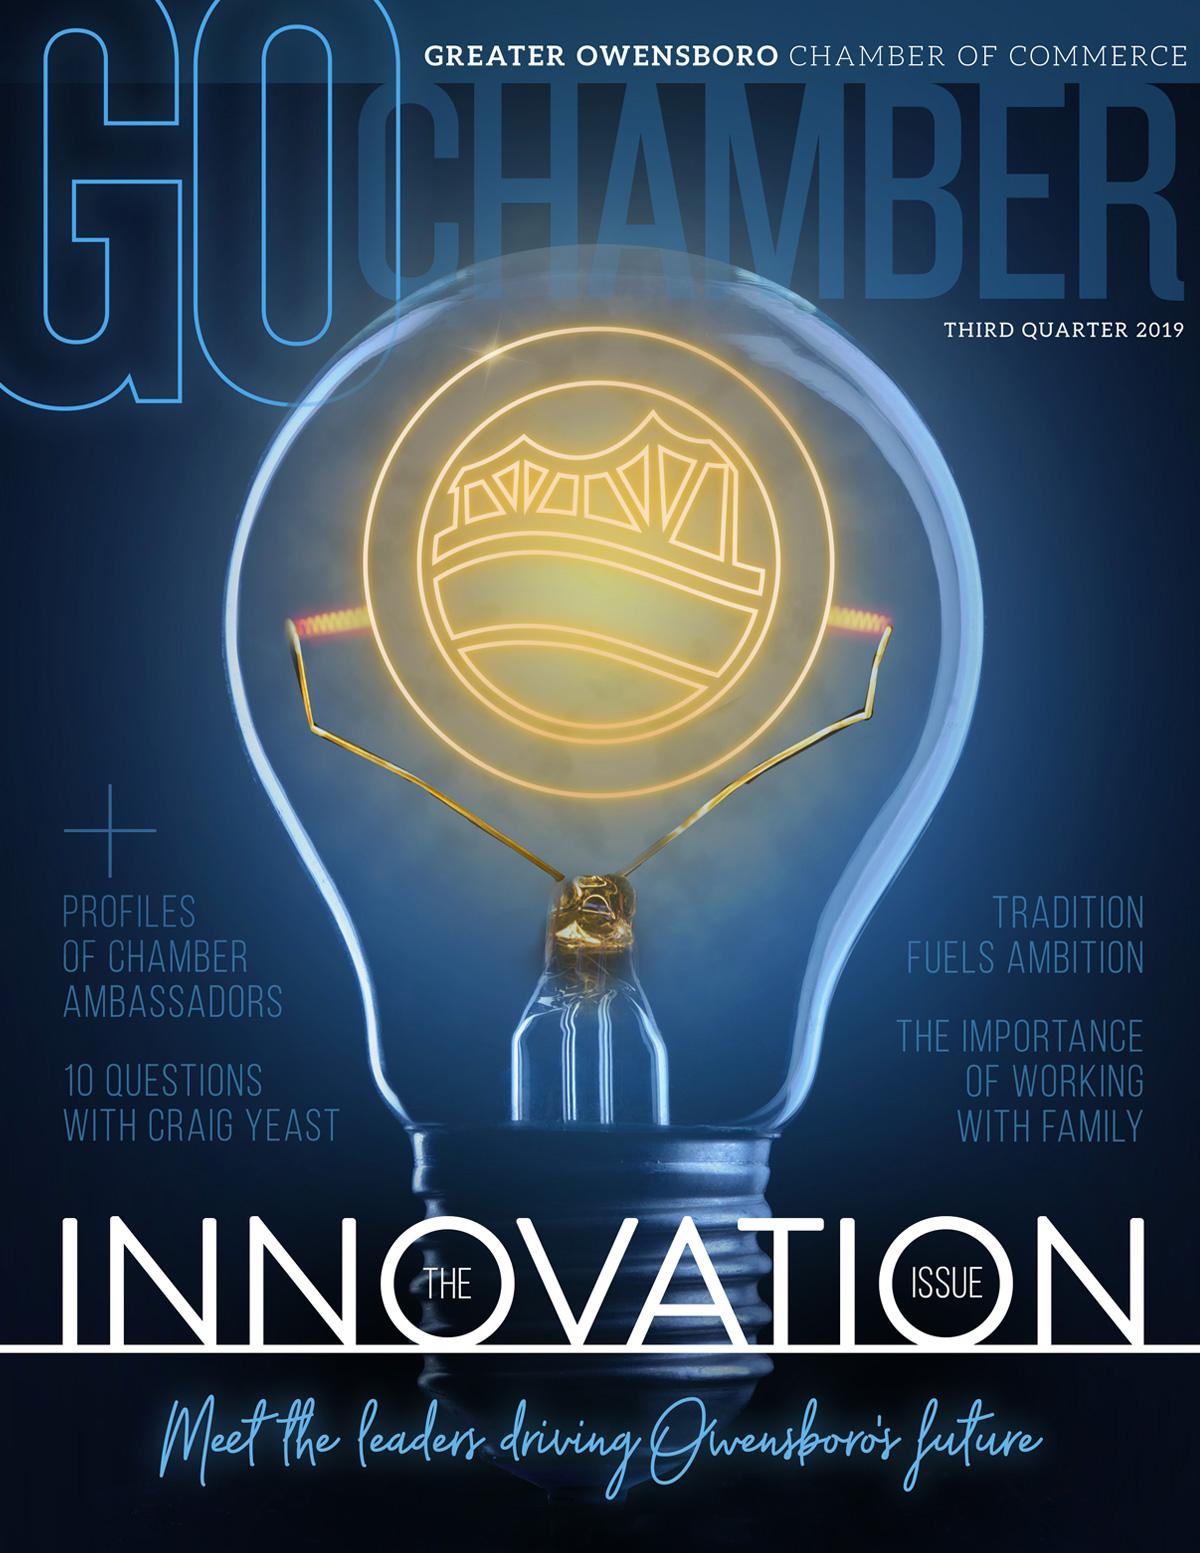 GO Chamber Third Quarter 2019 Cover